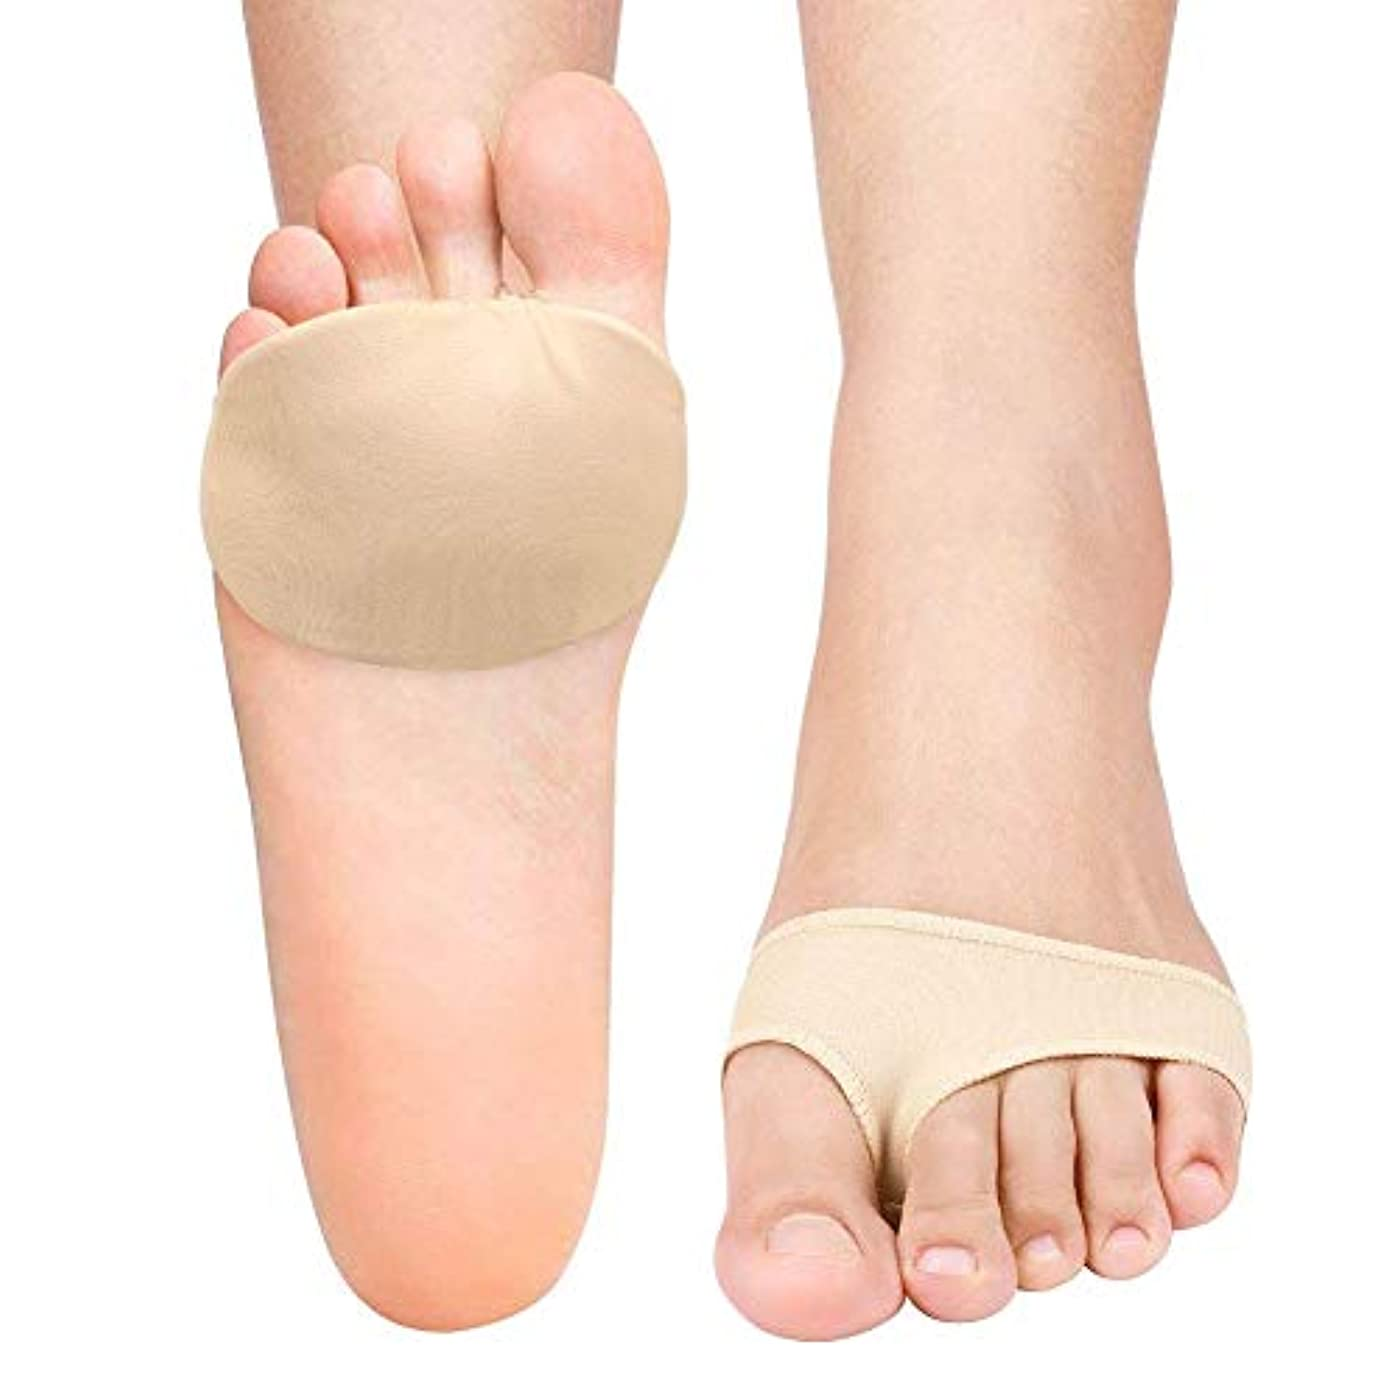 非互換提供された協力Yosoo 足裏保護パッド 足裏 保護 サポーター 前ズレ防止 つま先の痛み緩和 柔らかい つま先ジェルクッション シリコン フリーサイズ 2個入り